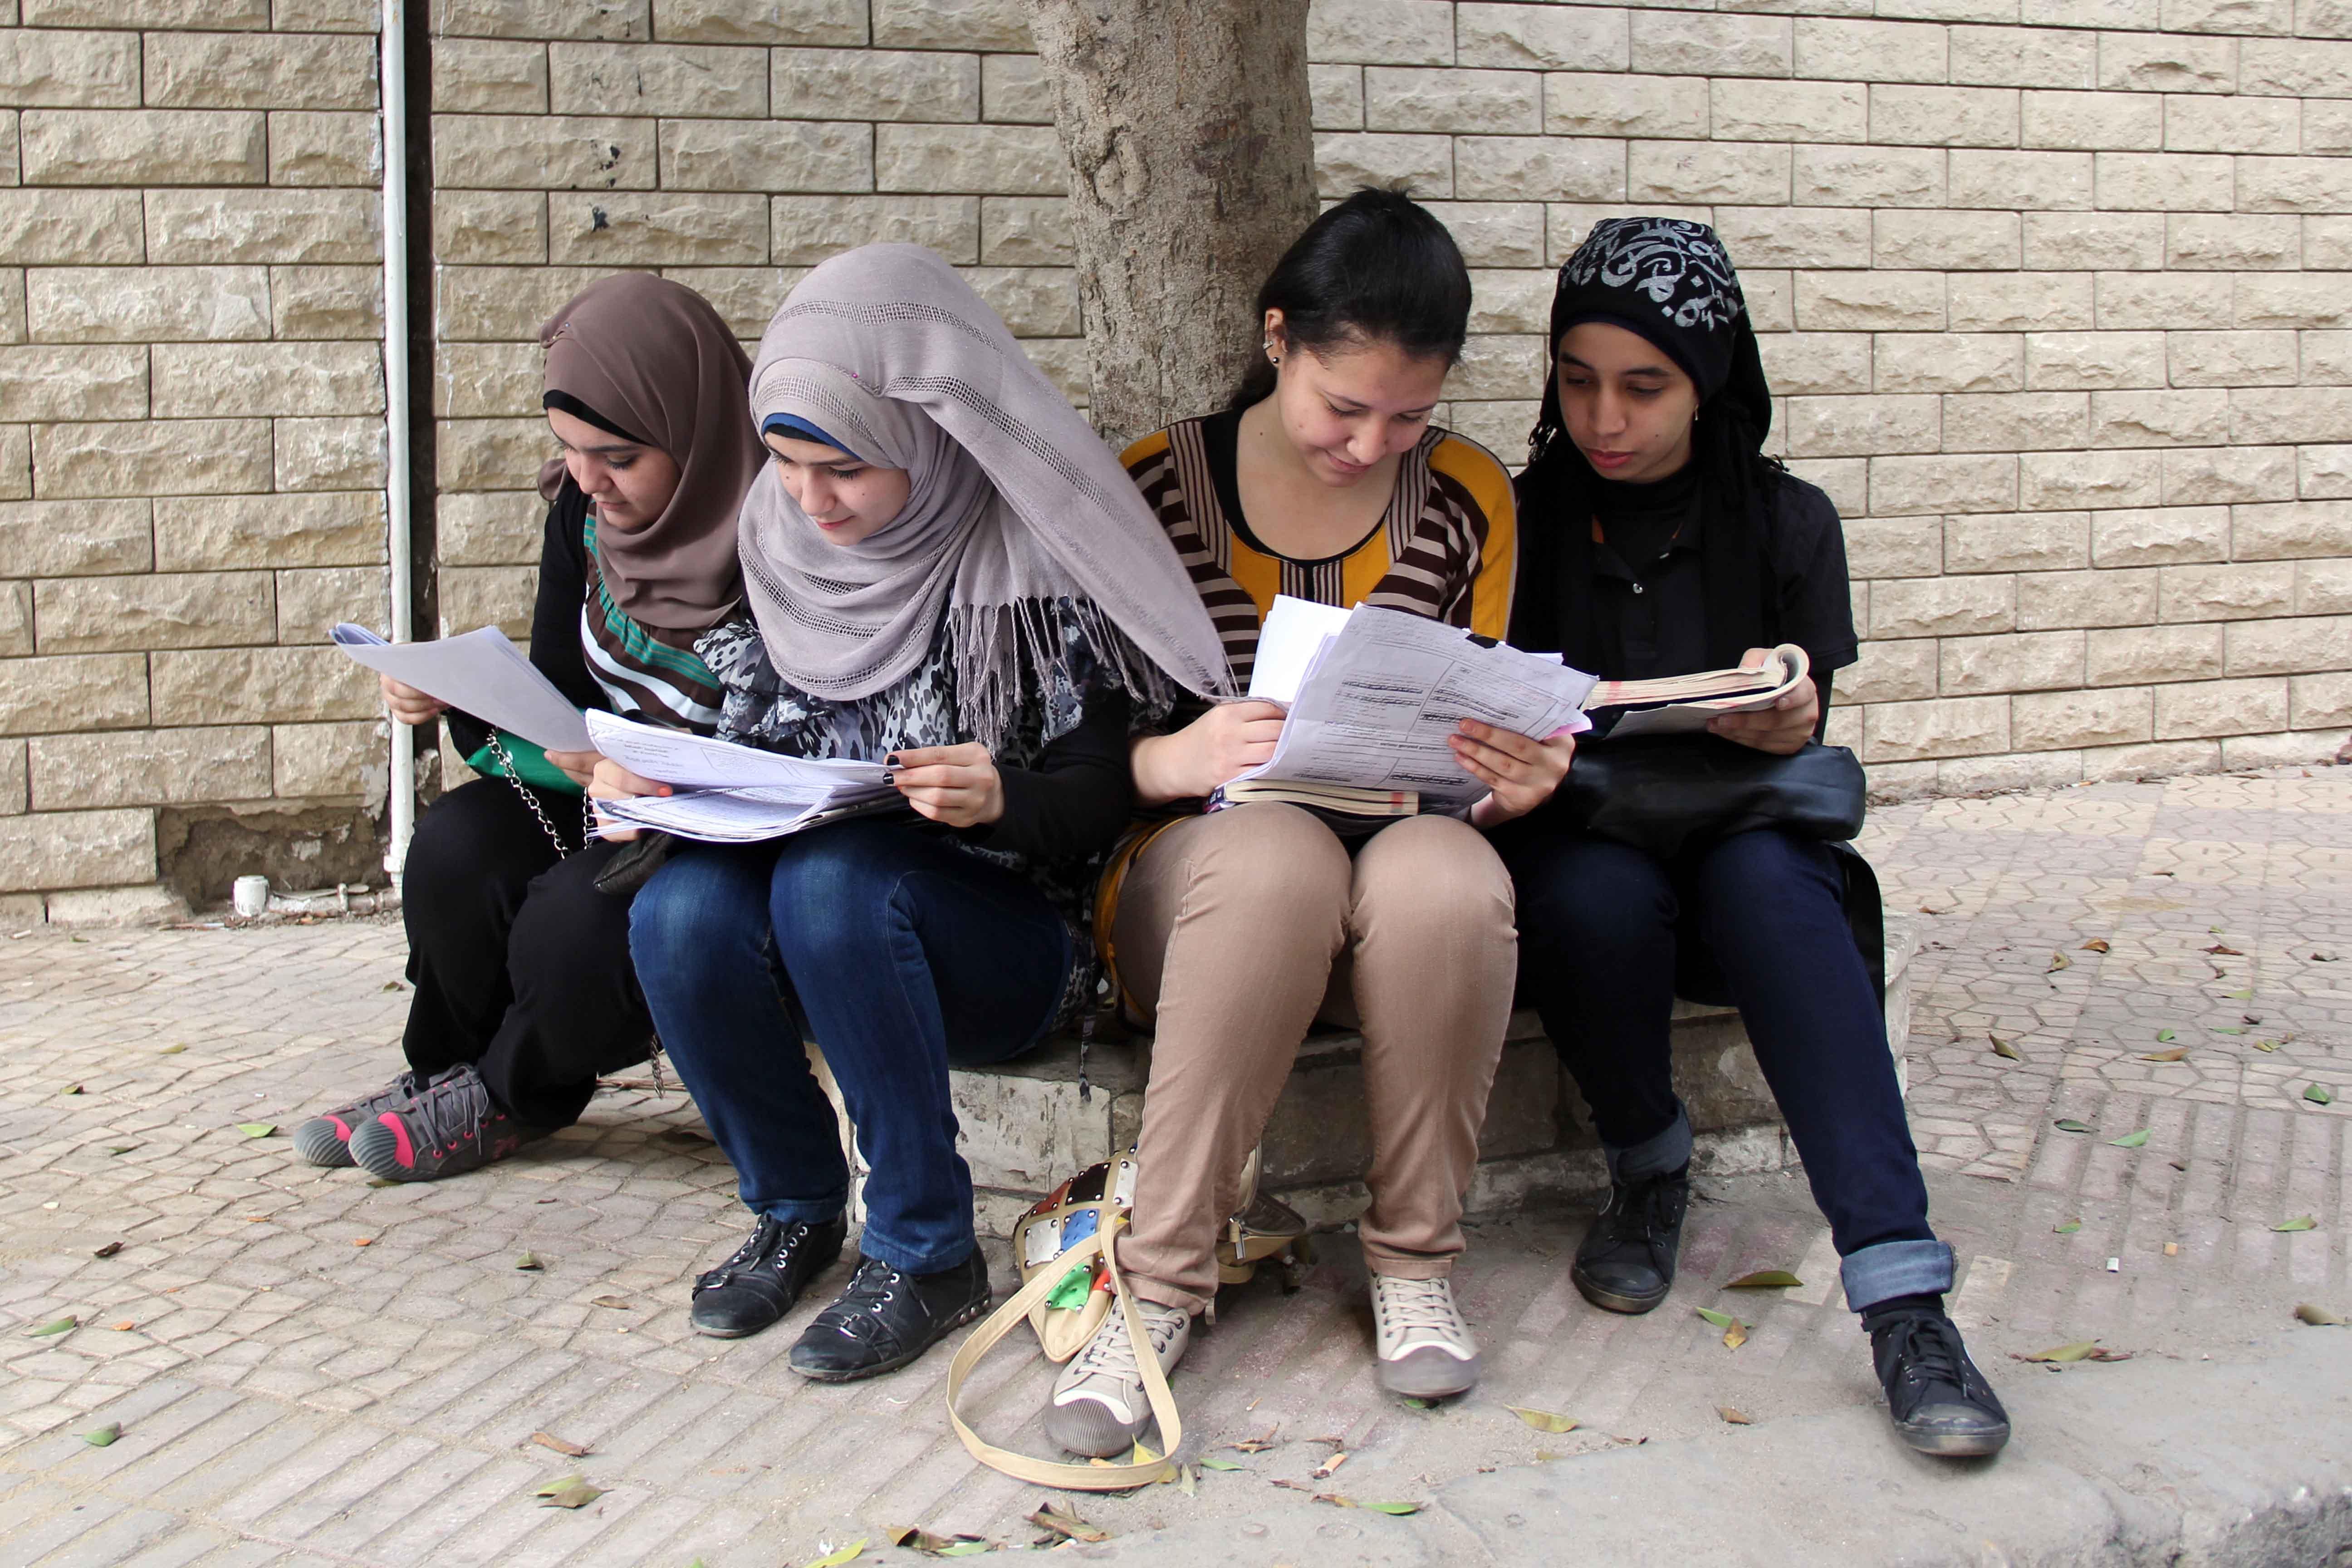 بدء امتحانات الثانويه العامه 8-6-2013 تصوير حسن محمد (9)